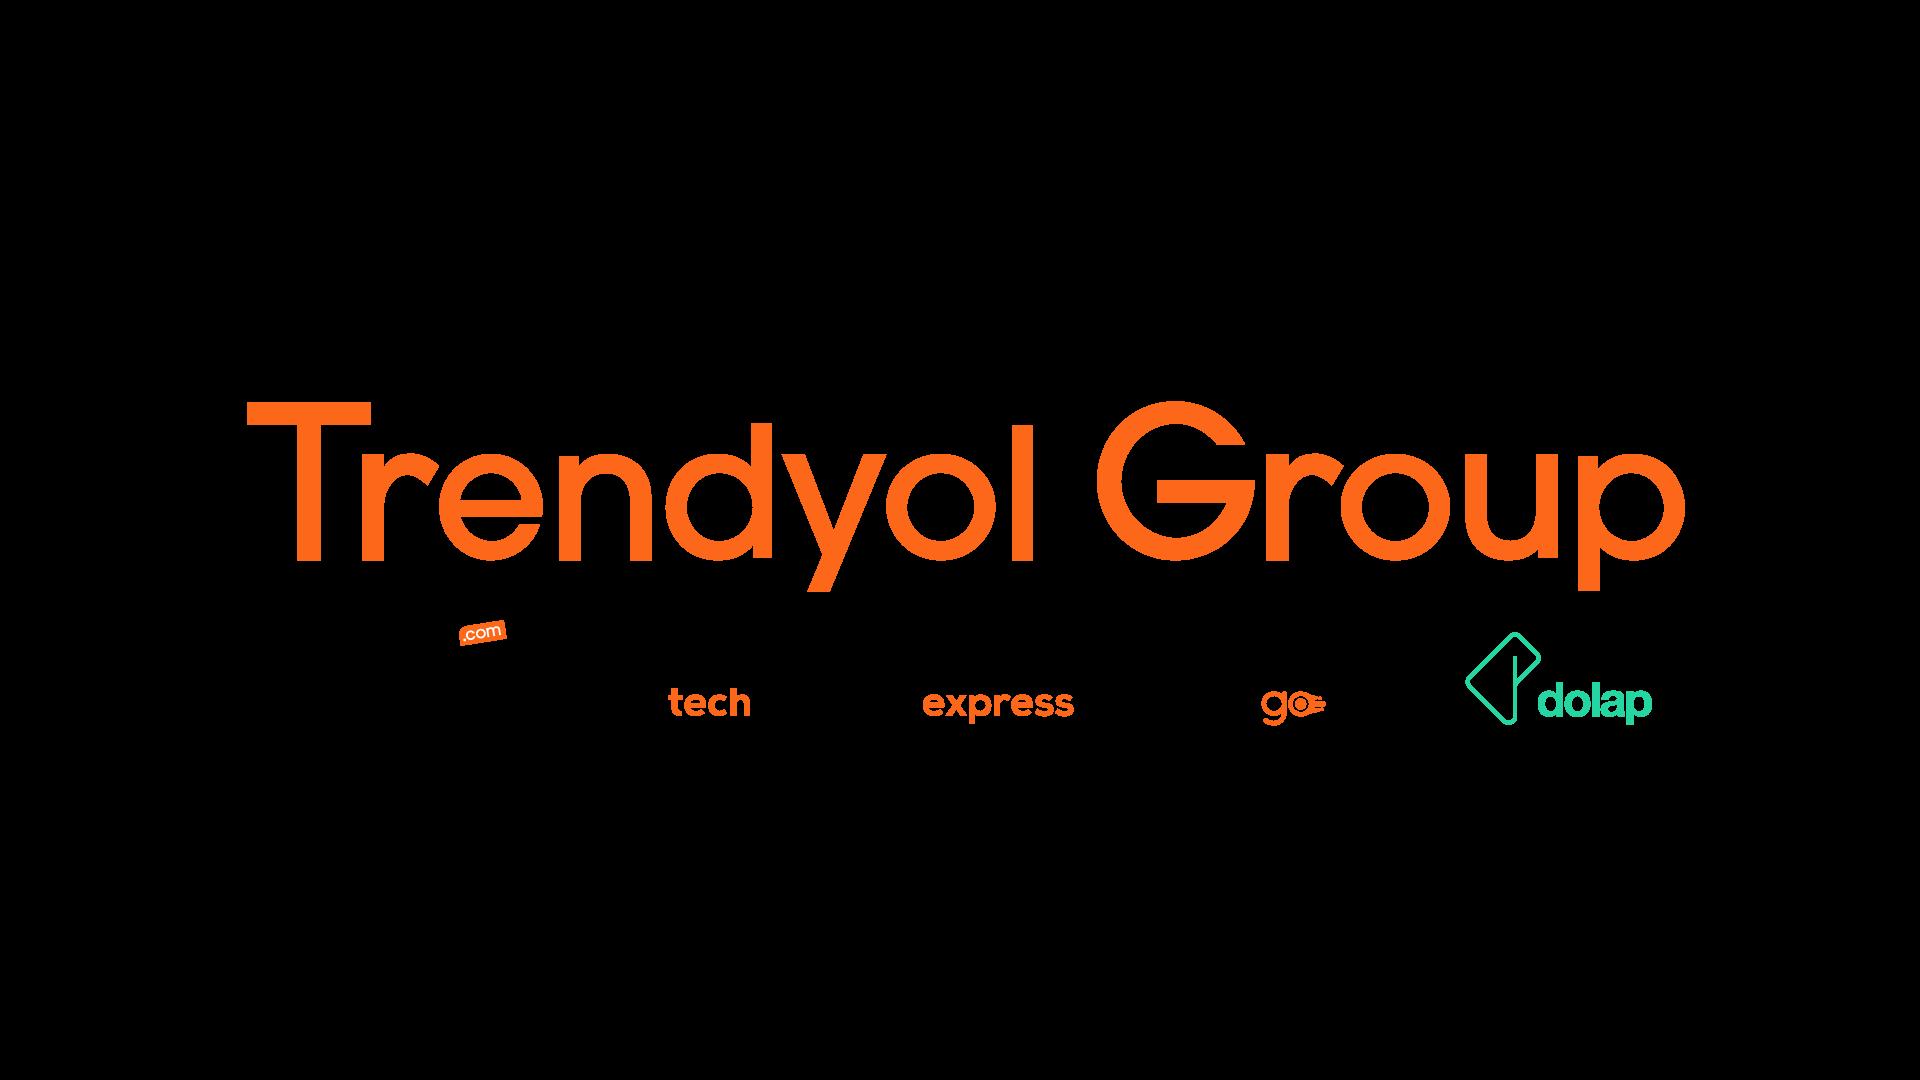 Trendyol Group logo